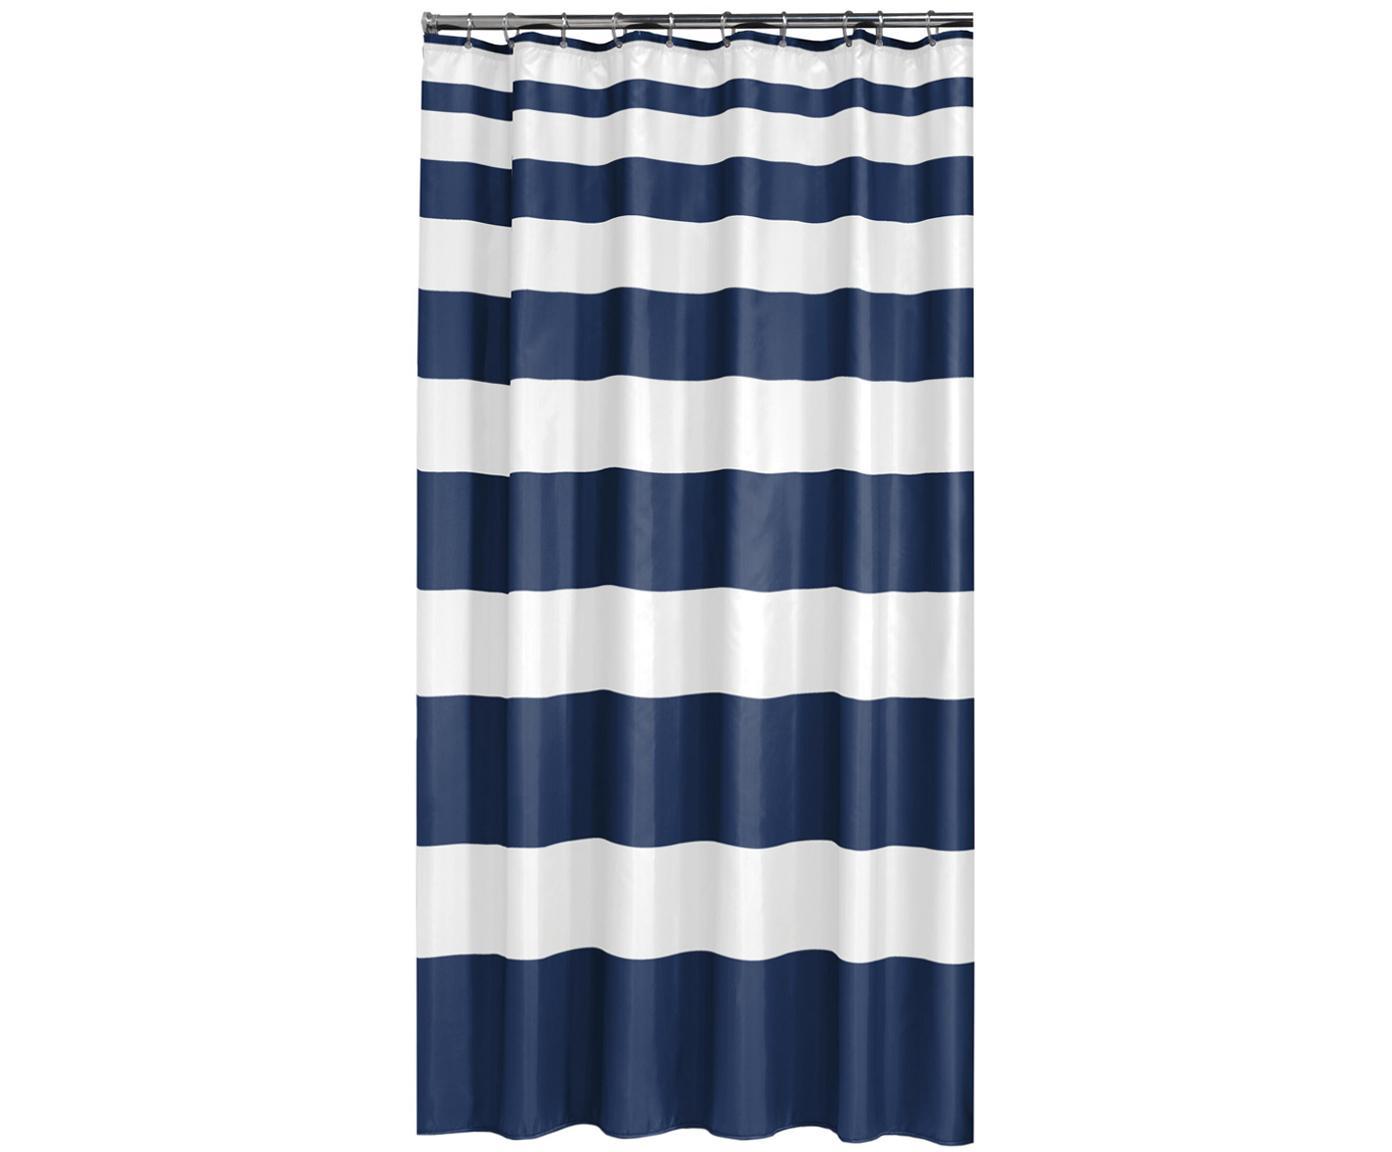 Douchegordijn Nautica met blokstrepen, Polyester Waterafstotend, niet waterdicht, Blauw, wit, 180 x 200 cm